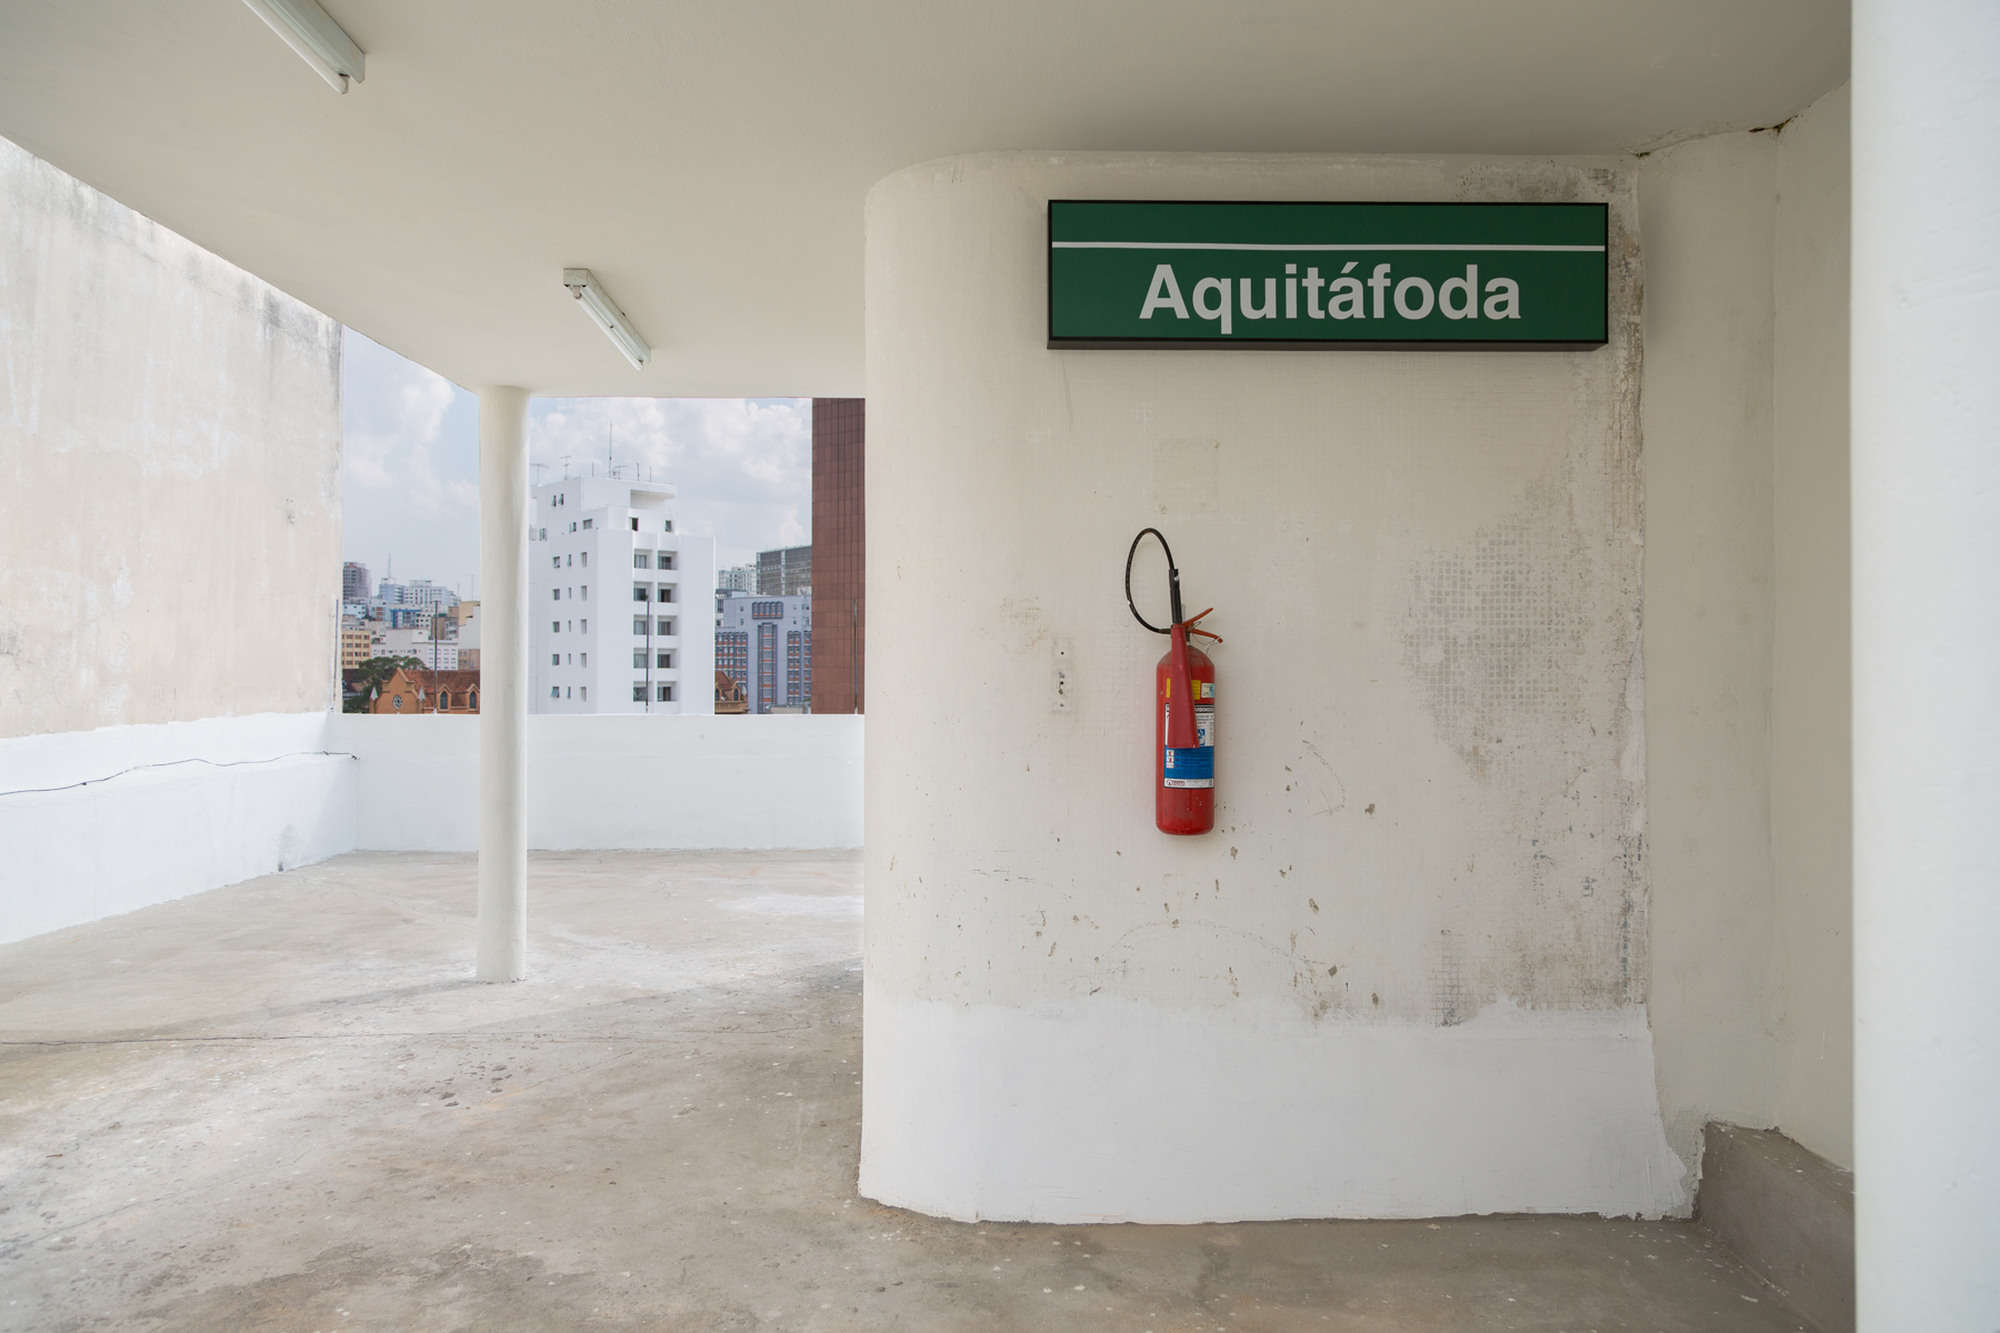 4 Observatório - Acareação - Bruno Baptistelli, Aquitáfoda II